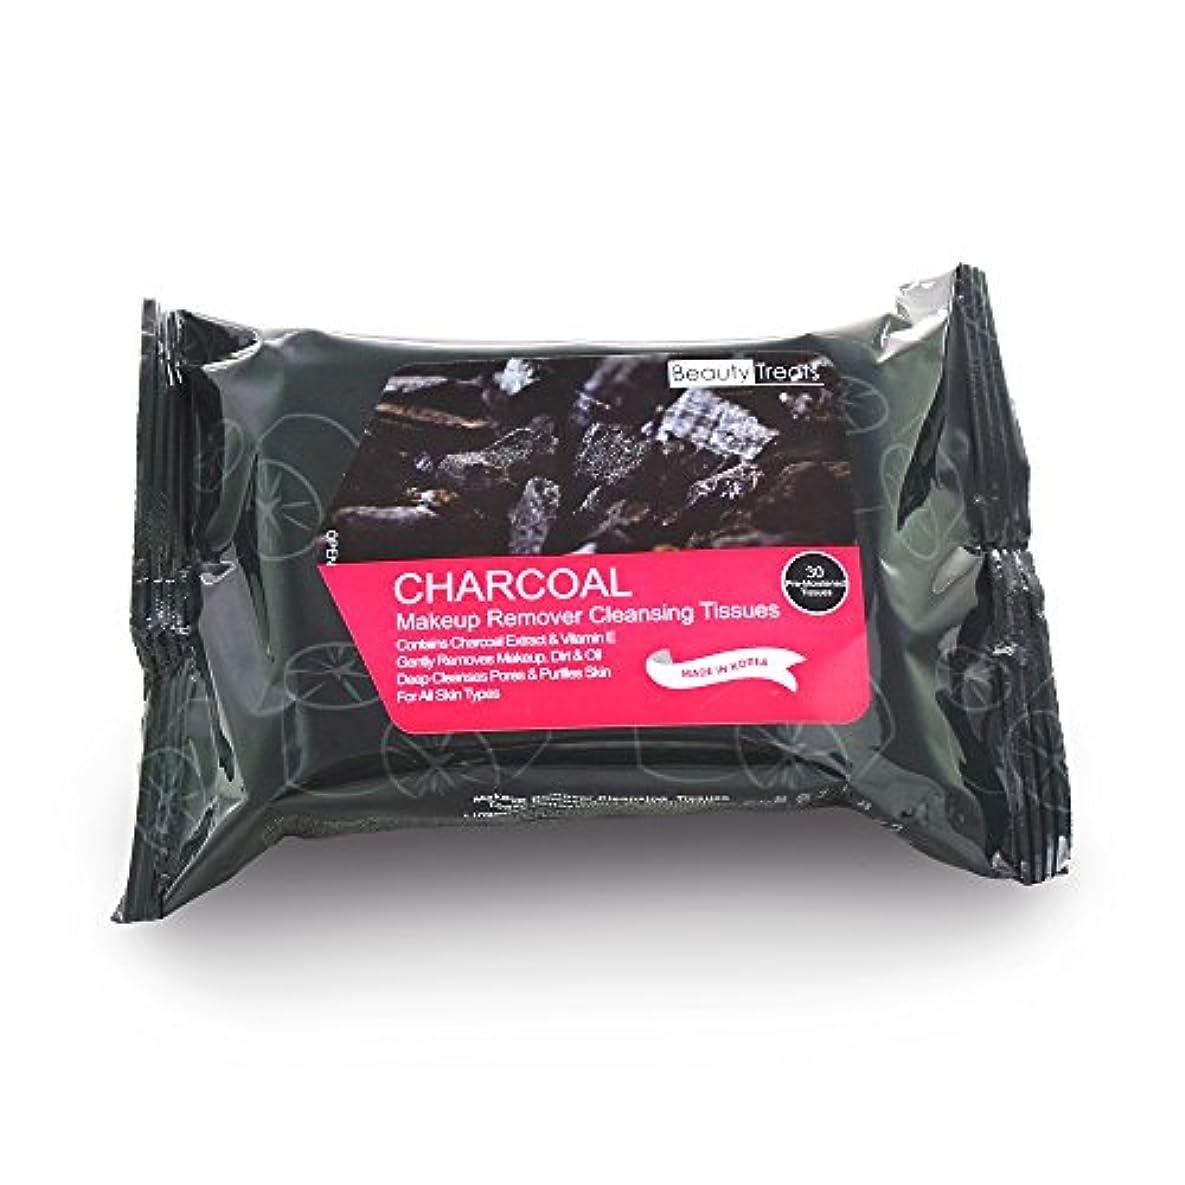 リレー気味の悪い不毛(6 Pack) BEAUTY TREATS Charcoal Makeup Remover Cleaning Tissues (並行輸入品)